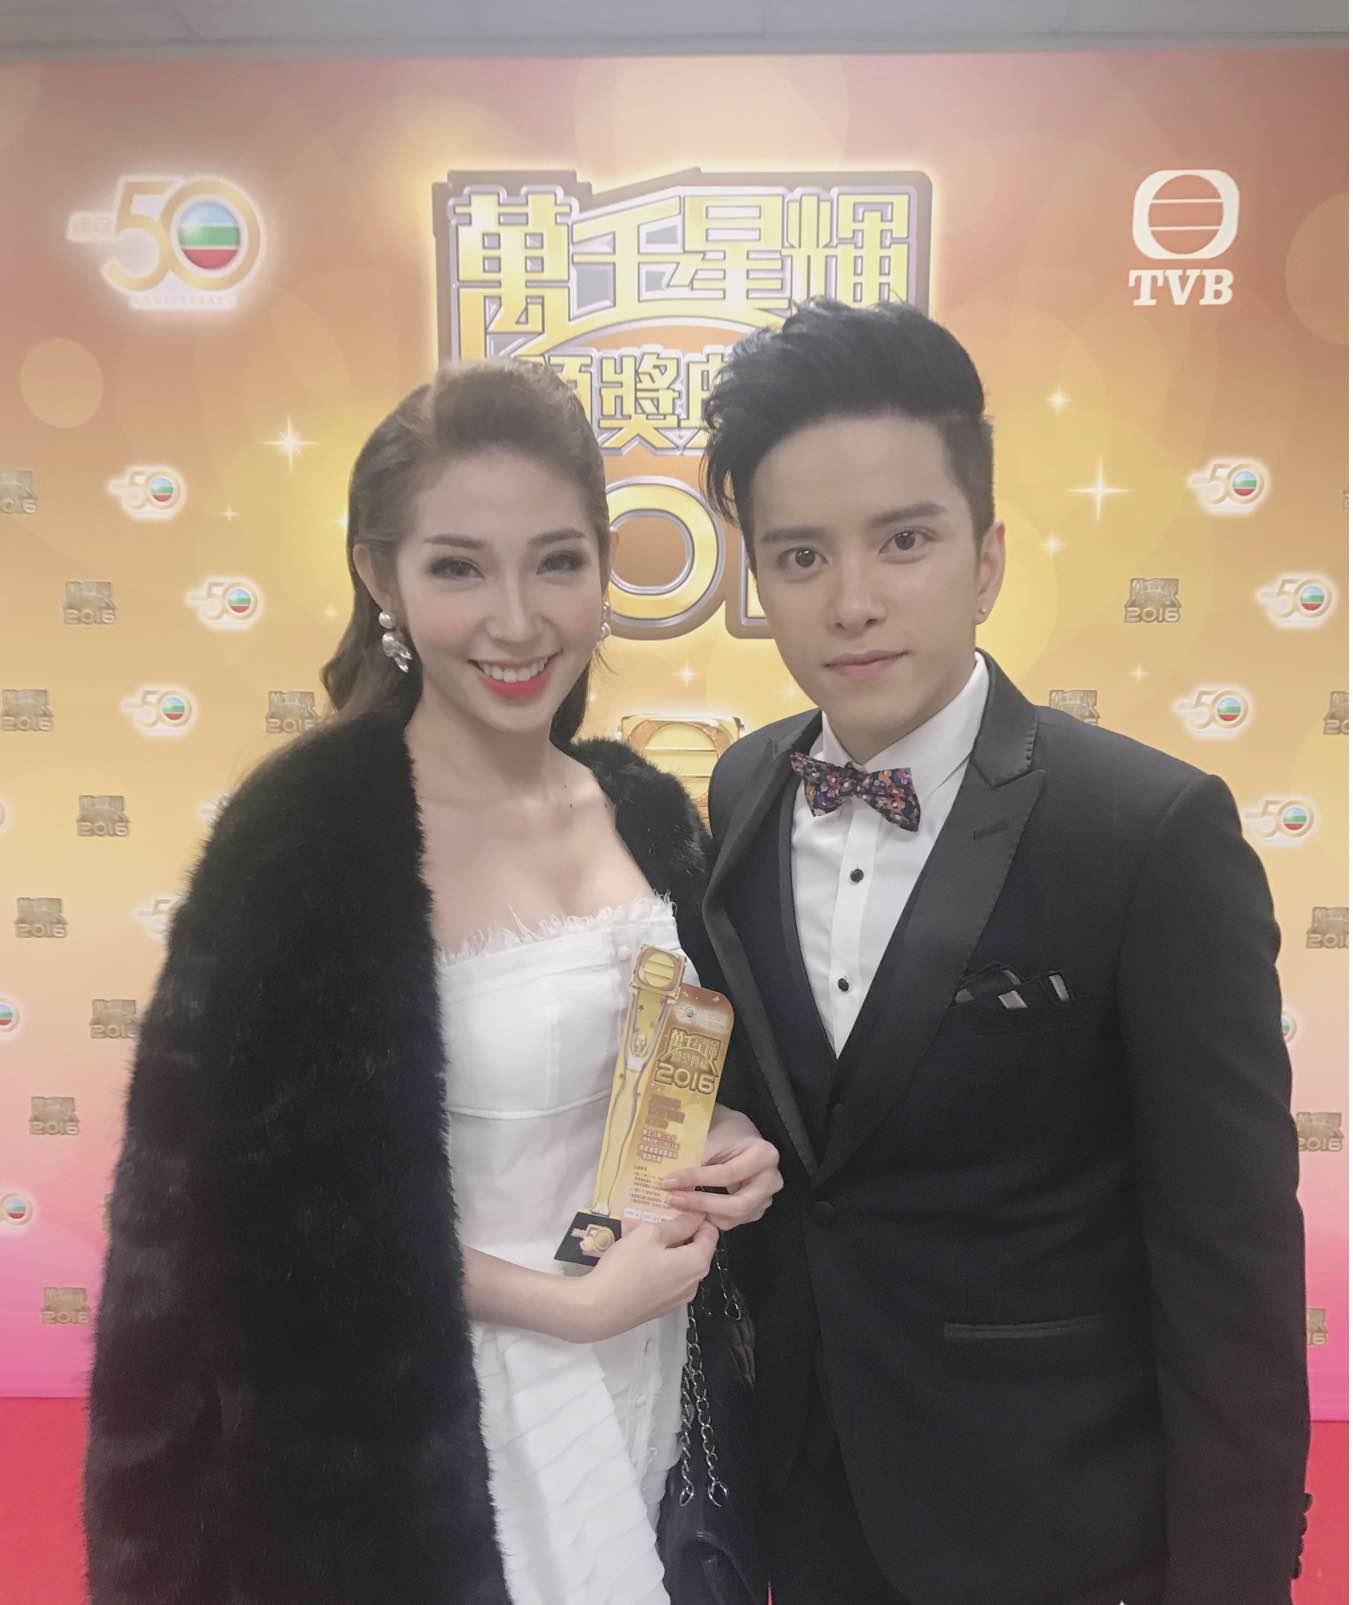 Khổng Tú Quỳnh tham dự lễ trao giải TVB, đọ dáng cùng Hoa hậu Hồng Kông - Ảnh 10.